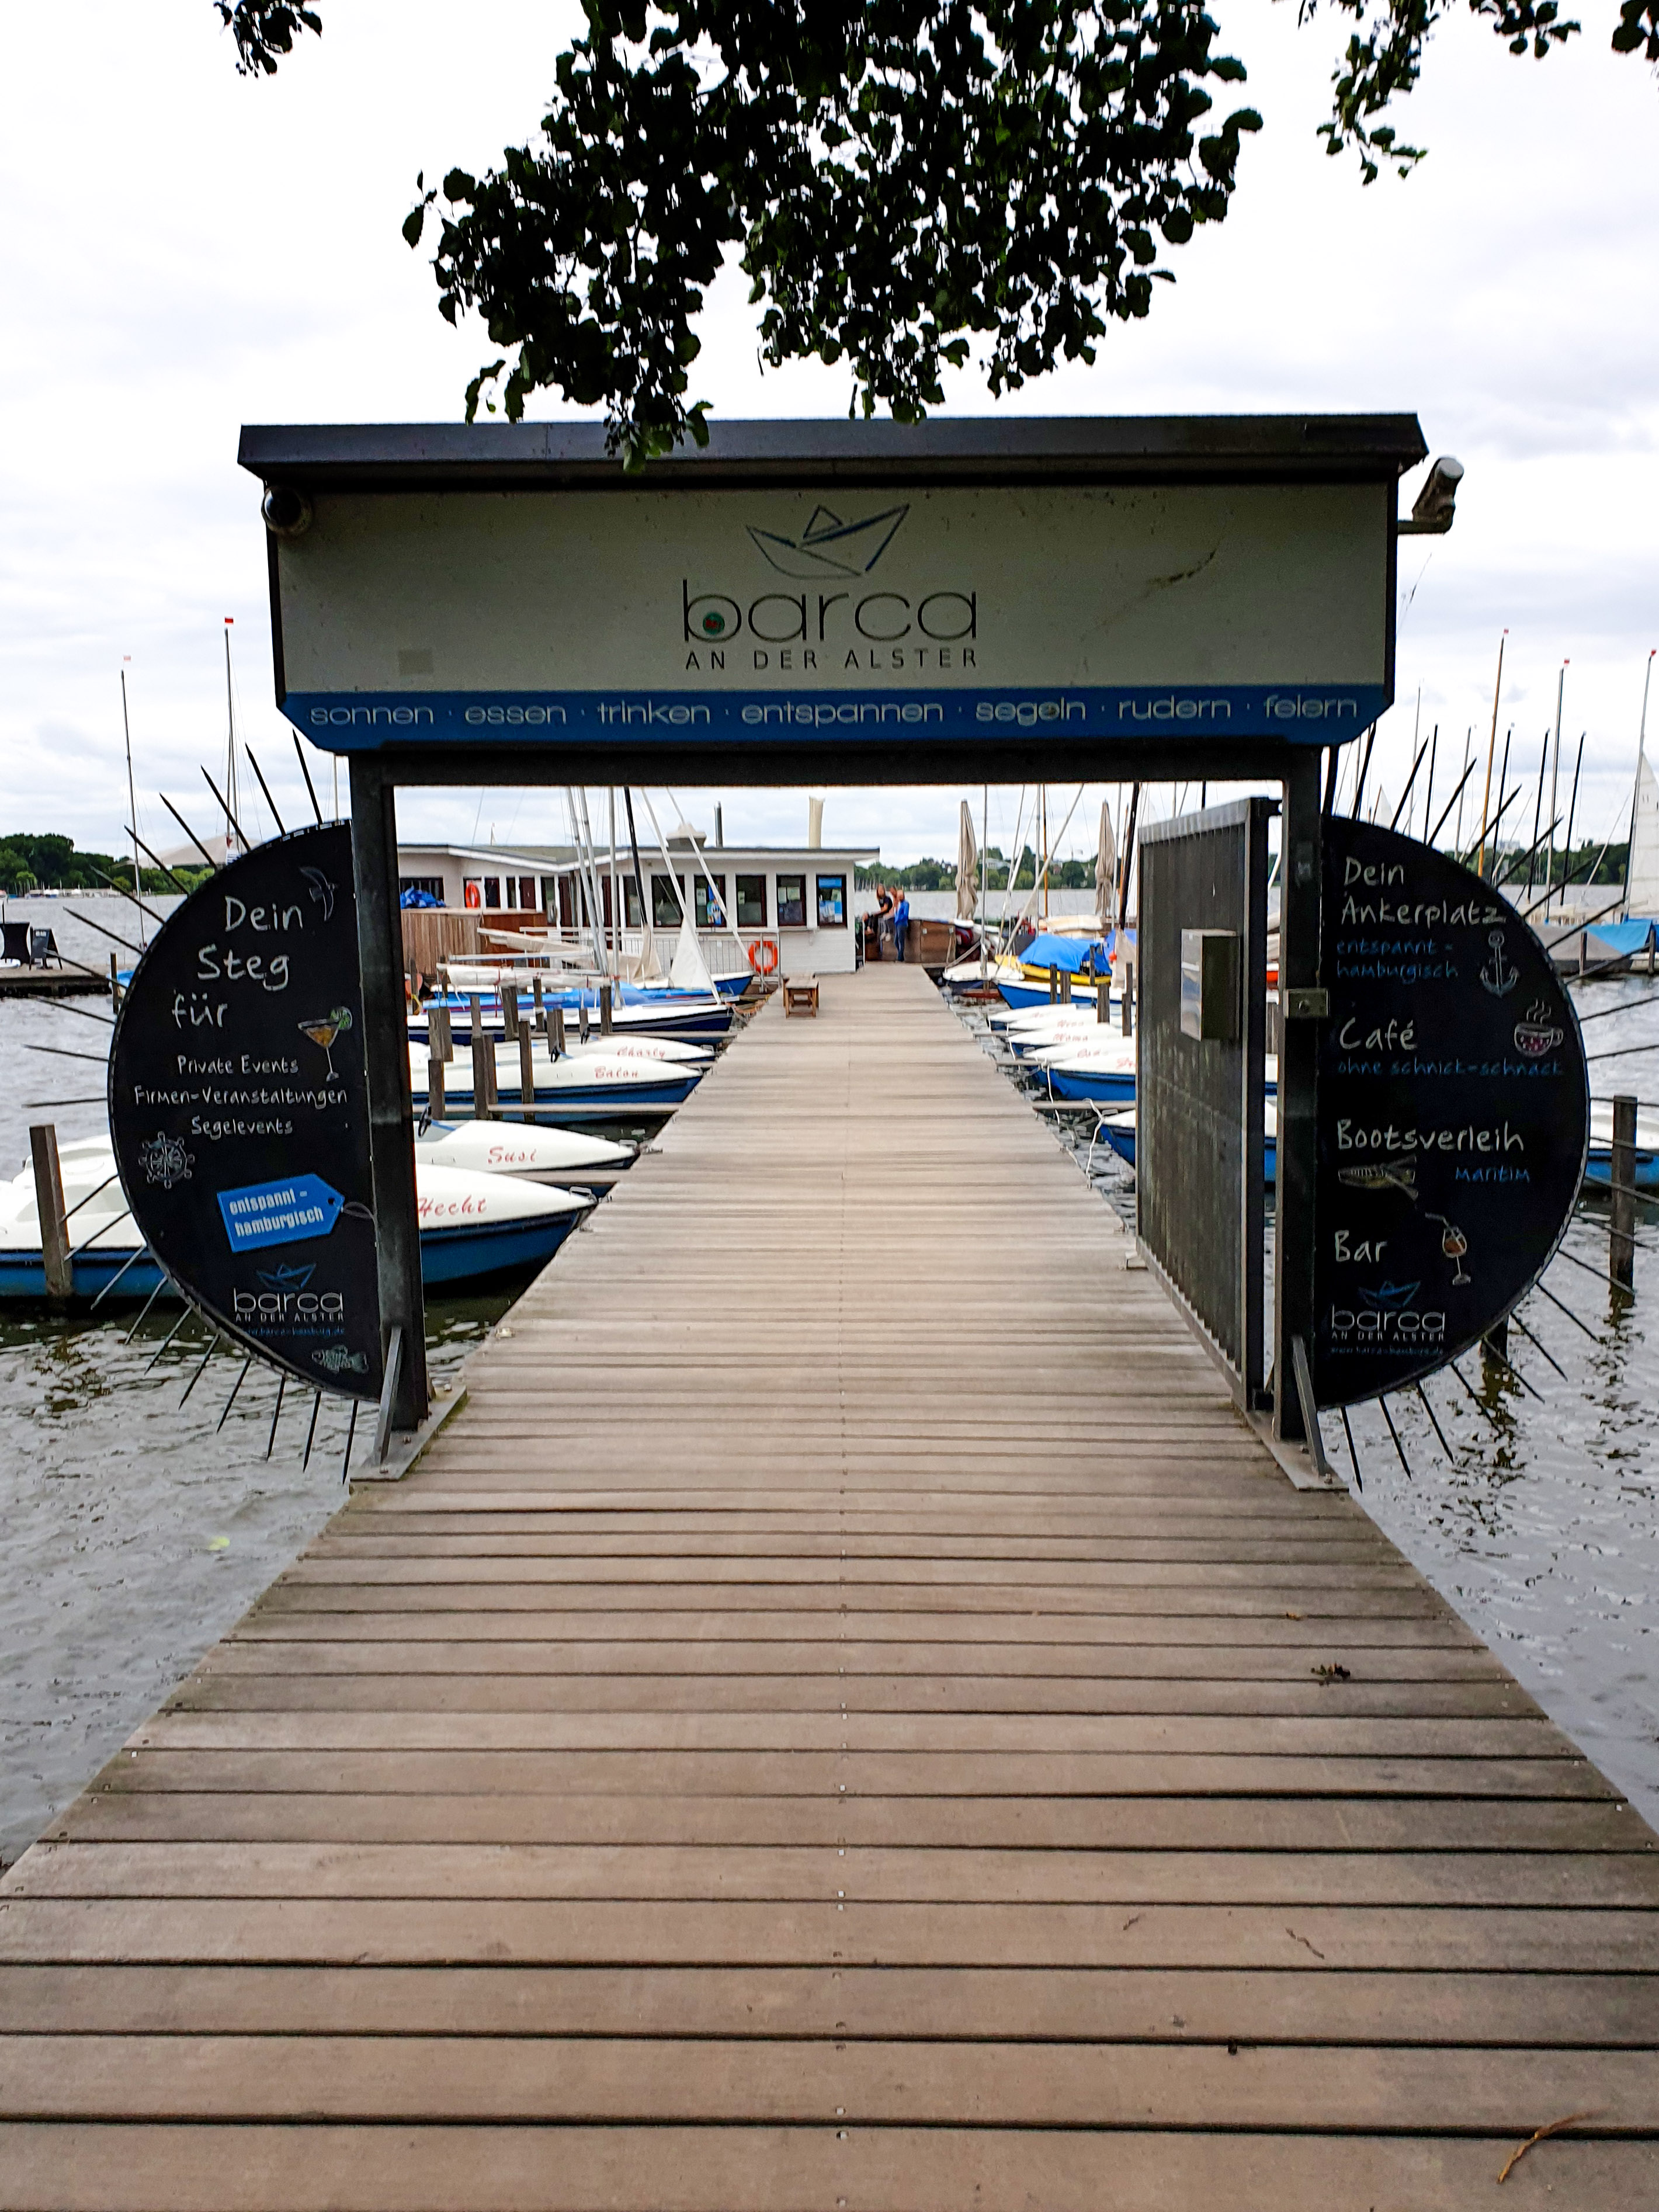 Barca an der Alster